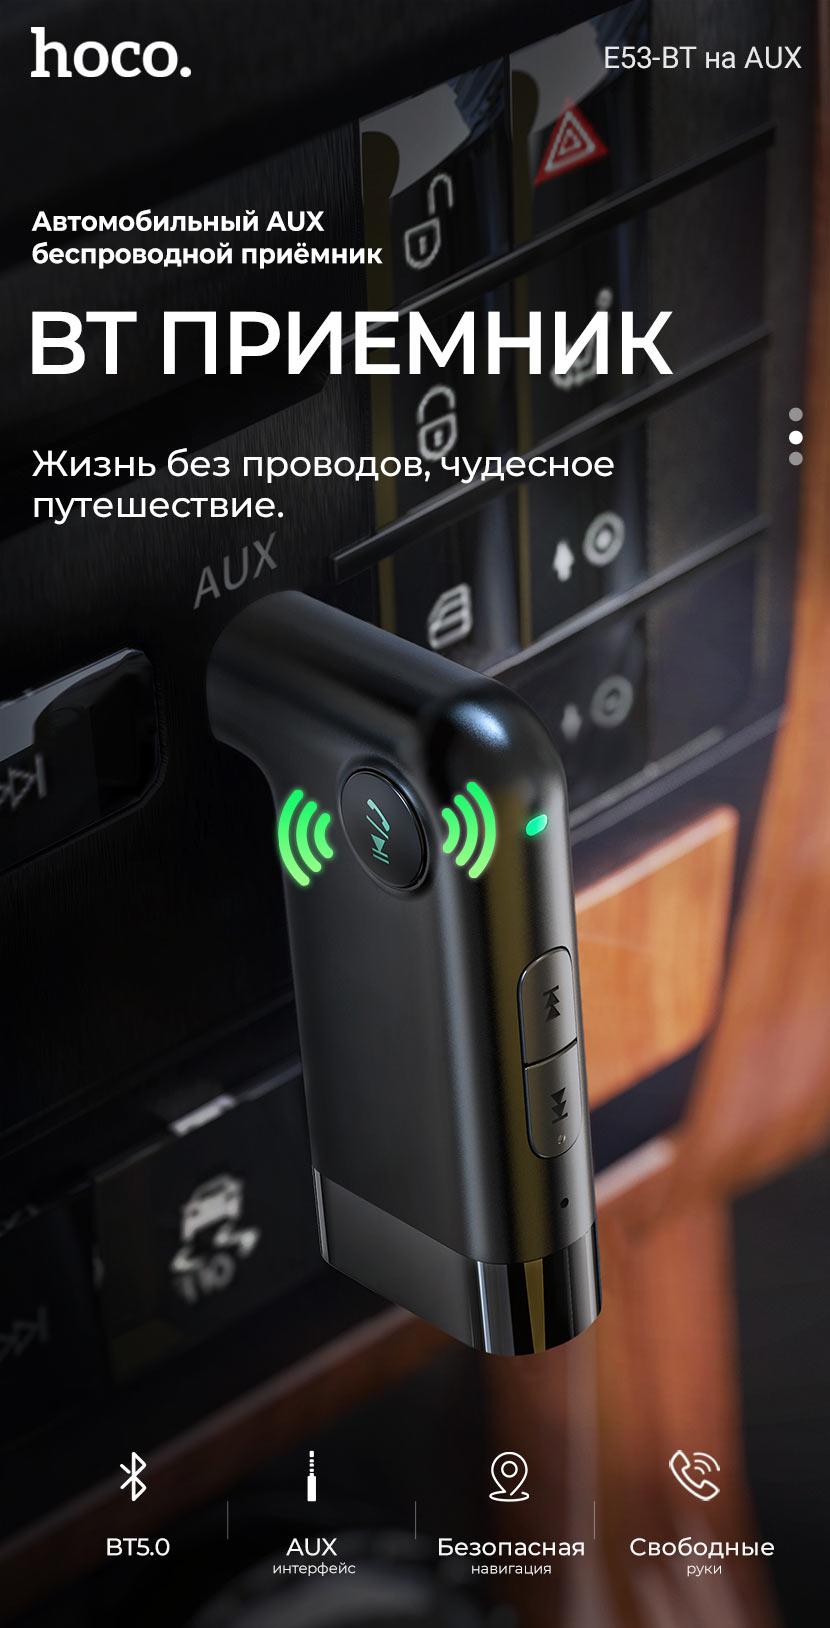 hoco news e53 dawn sound in car aux wireless receiver ru